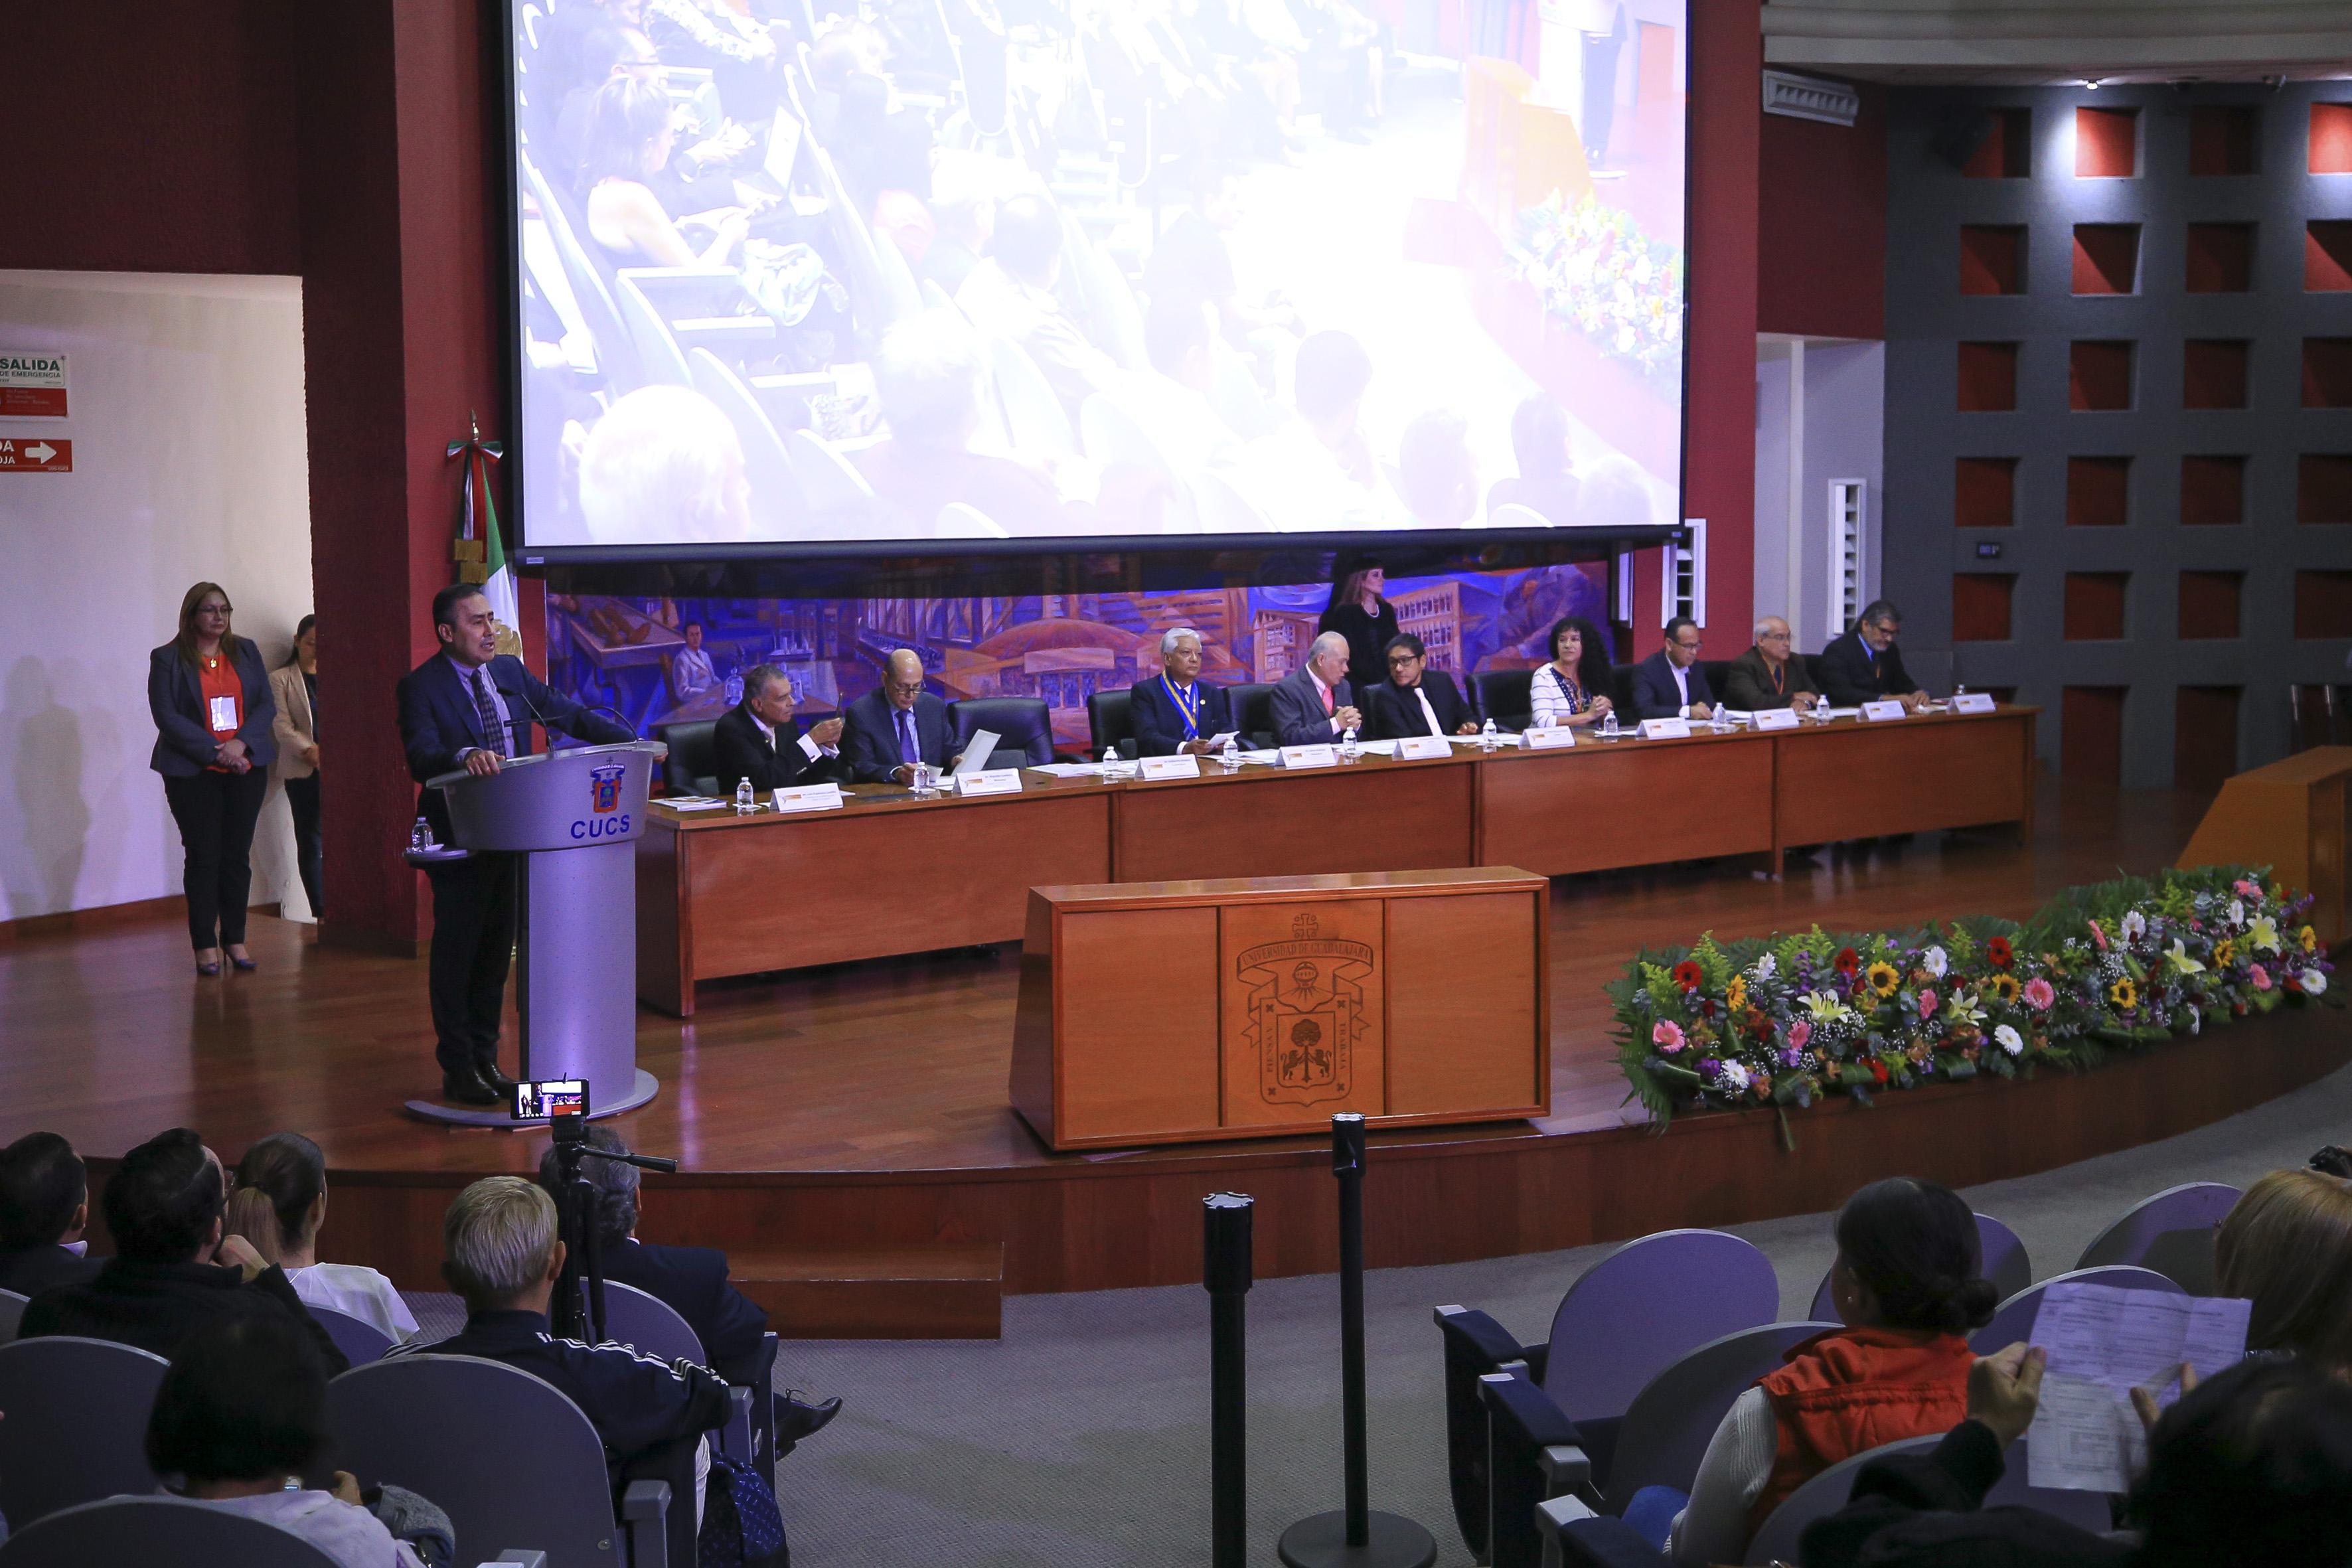 Rector CUCS en podio ofreciendo mensaje, toma amplia